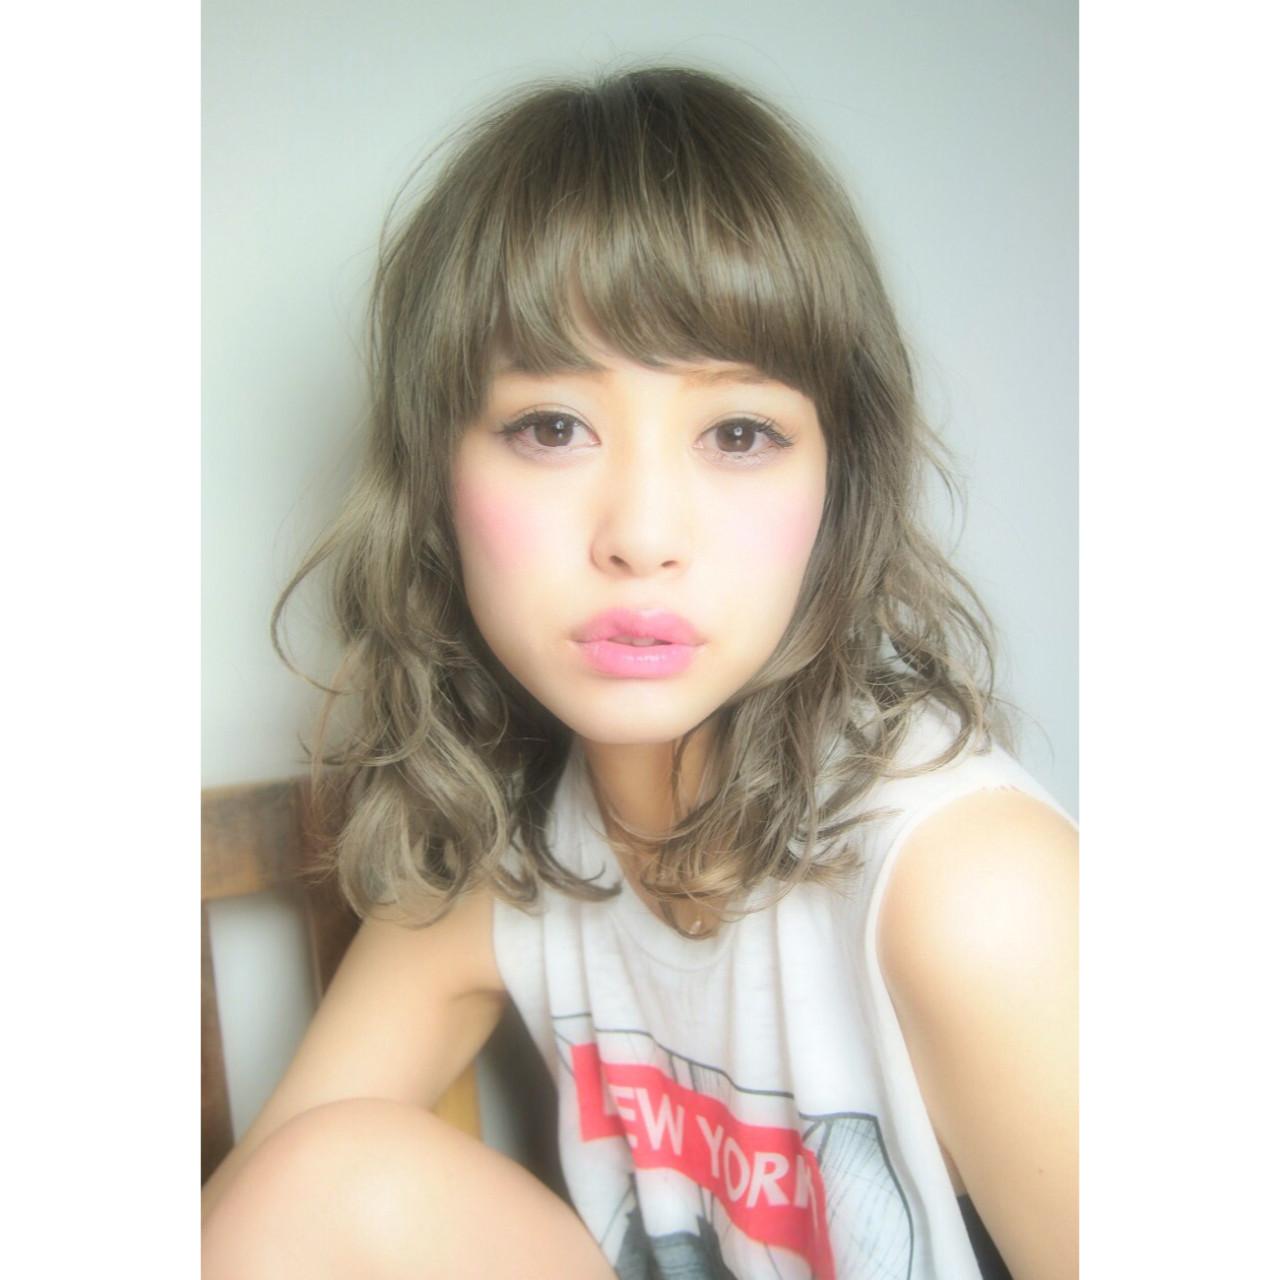 前髪あり パーマ ミディアム 大人かわいい ヘアスタイルや髪型の写真・画像